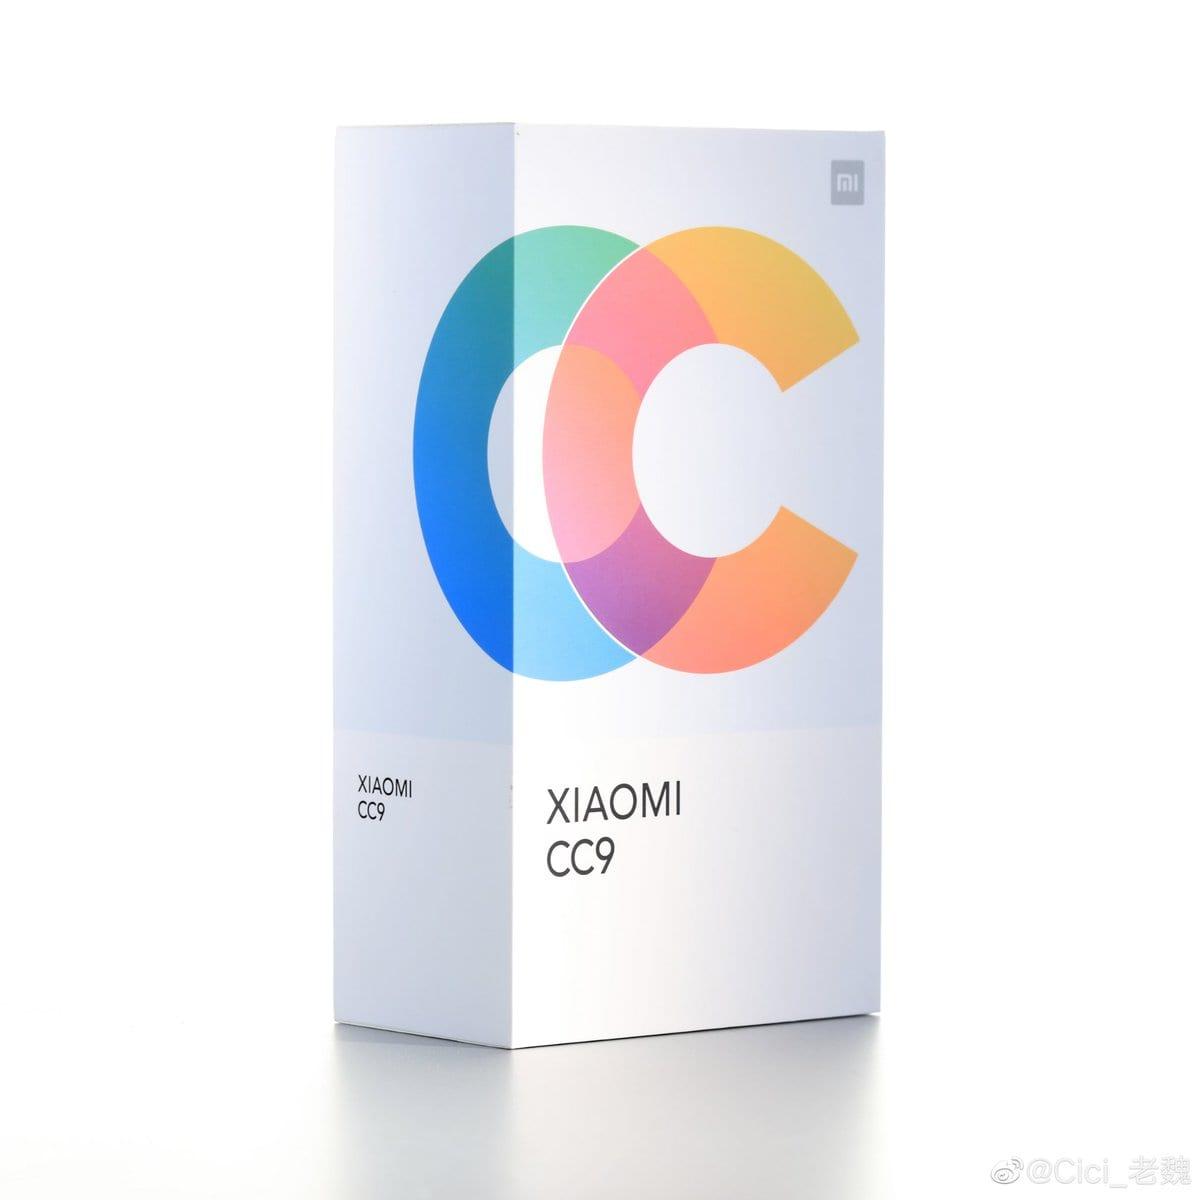 Caja de venta del Xiaomi Mi CC9